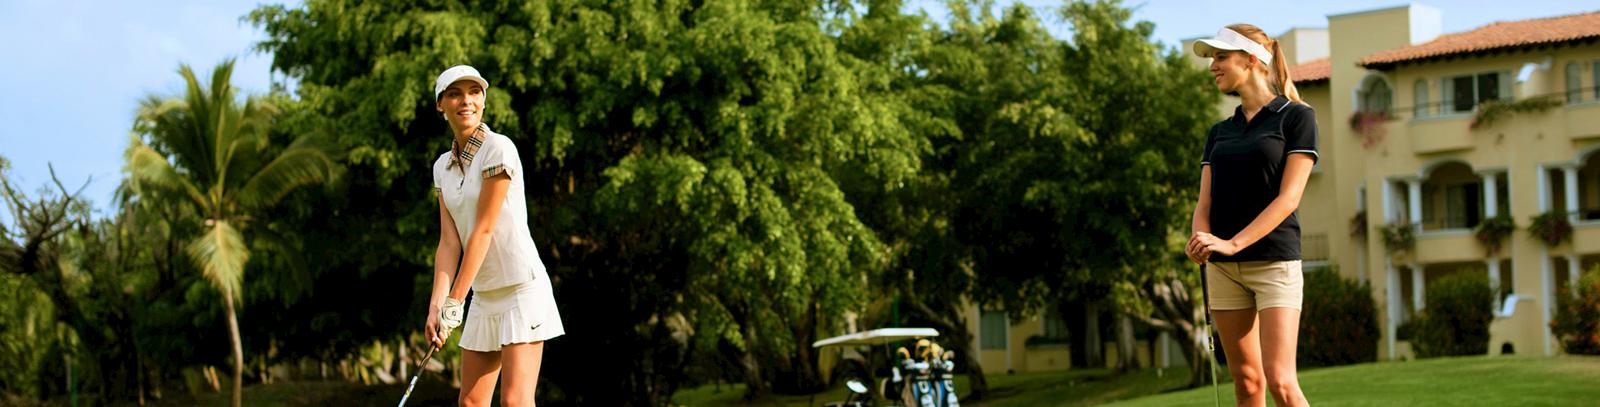 Paquete Pro de Golf en Nuevo Vallarta, México, Grand Velas Riviera Nayarit